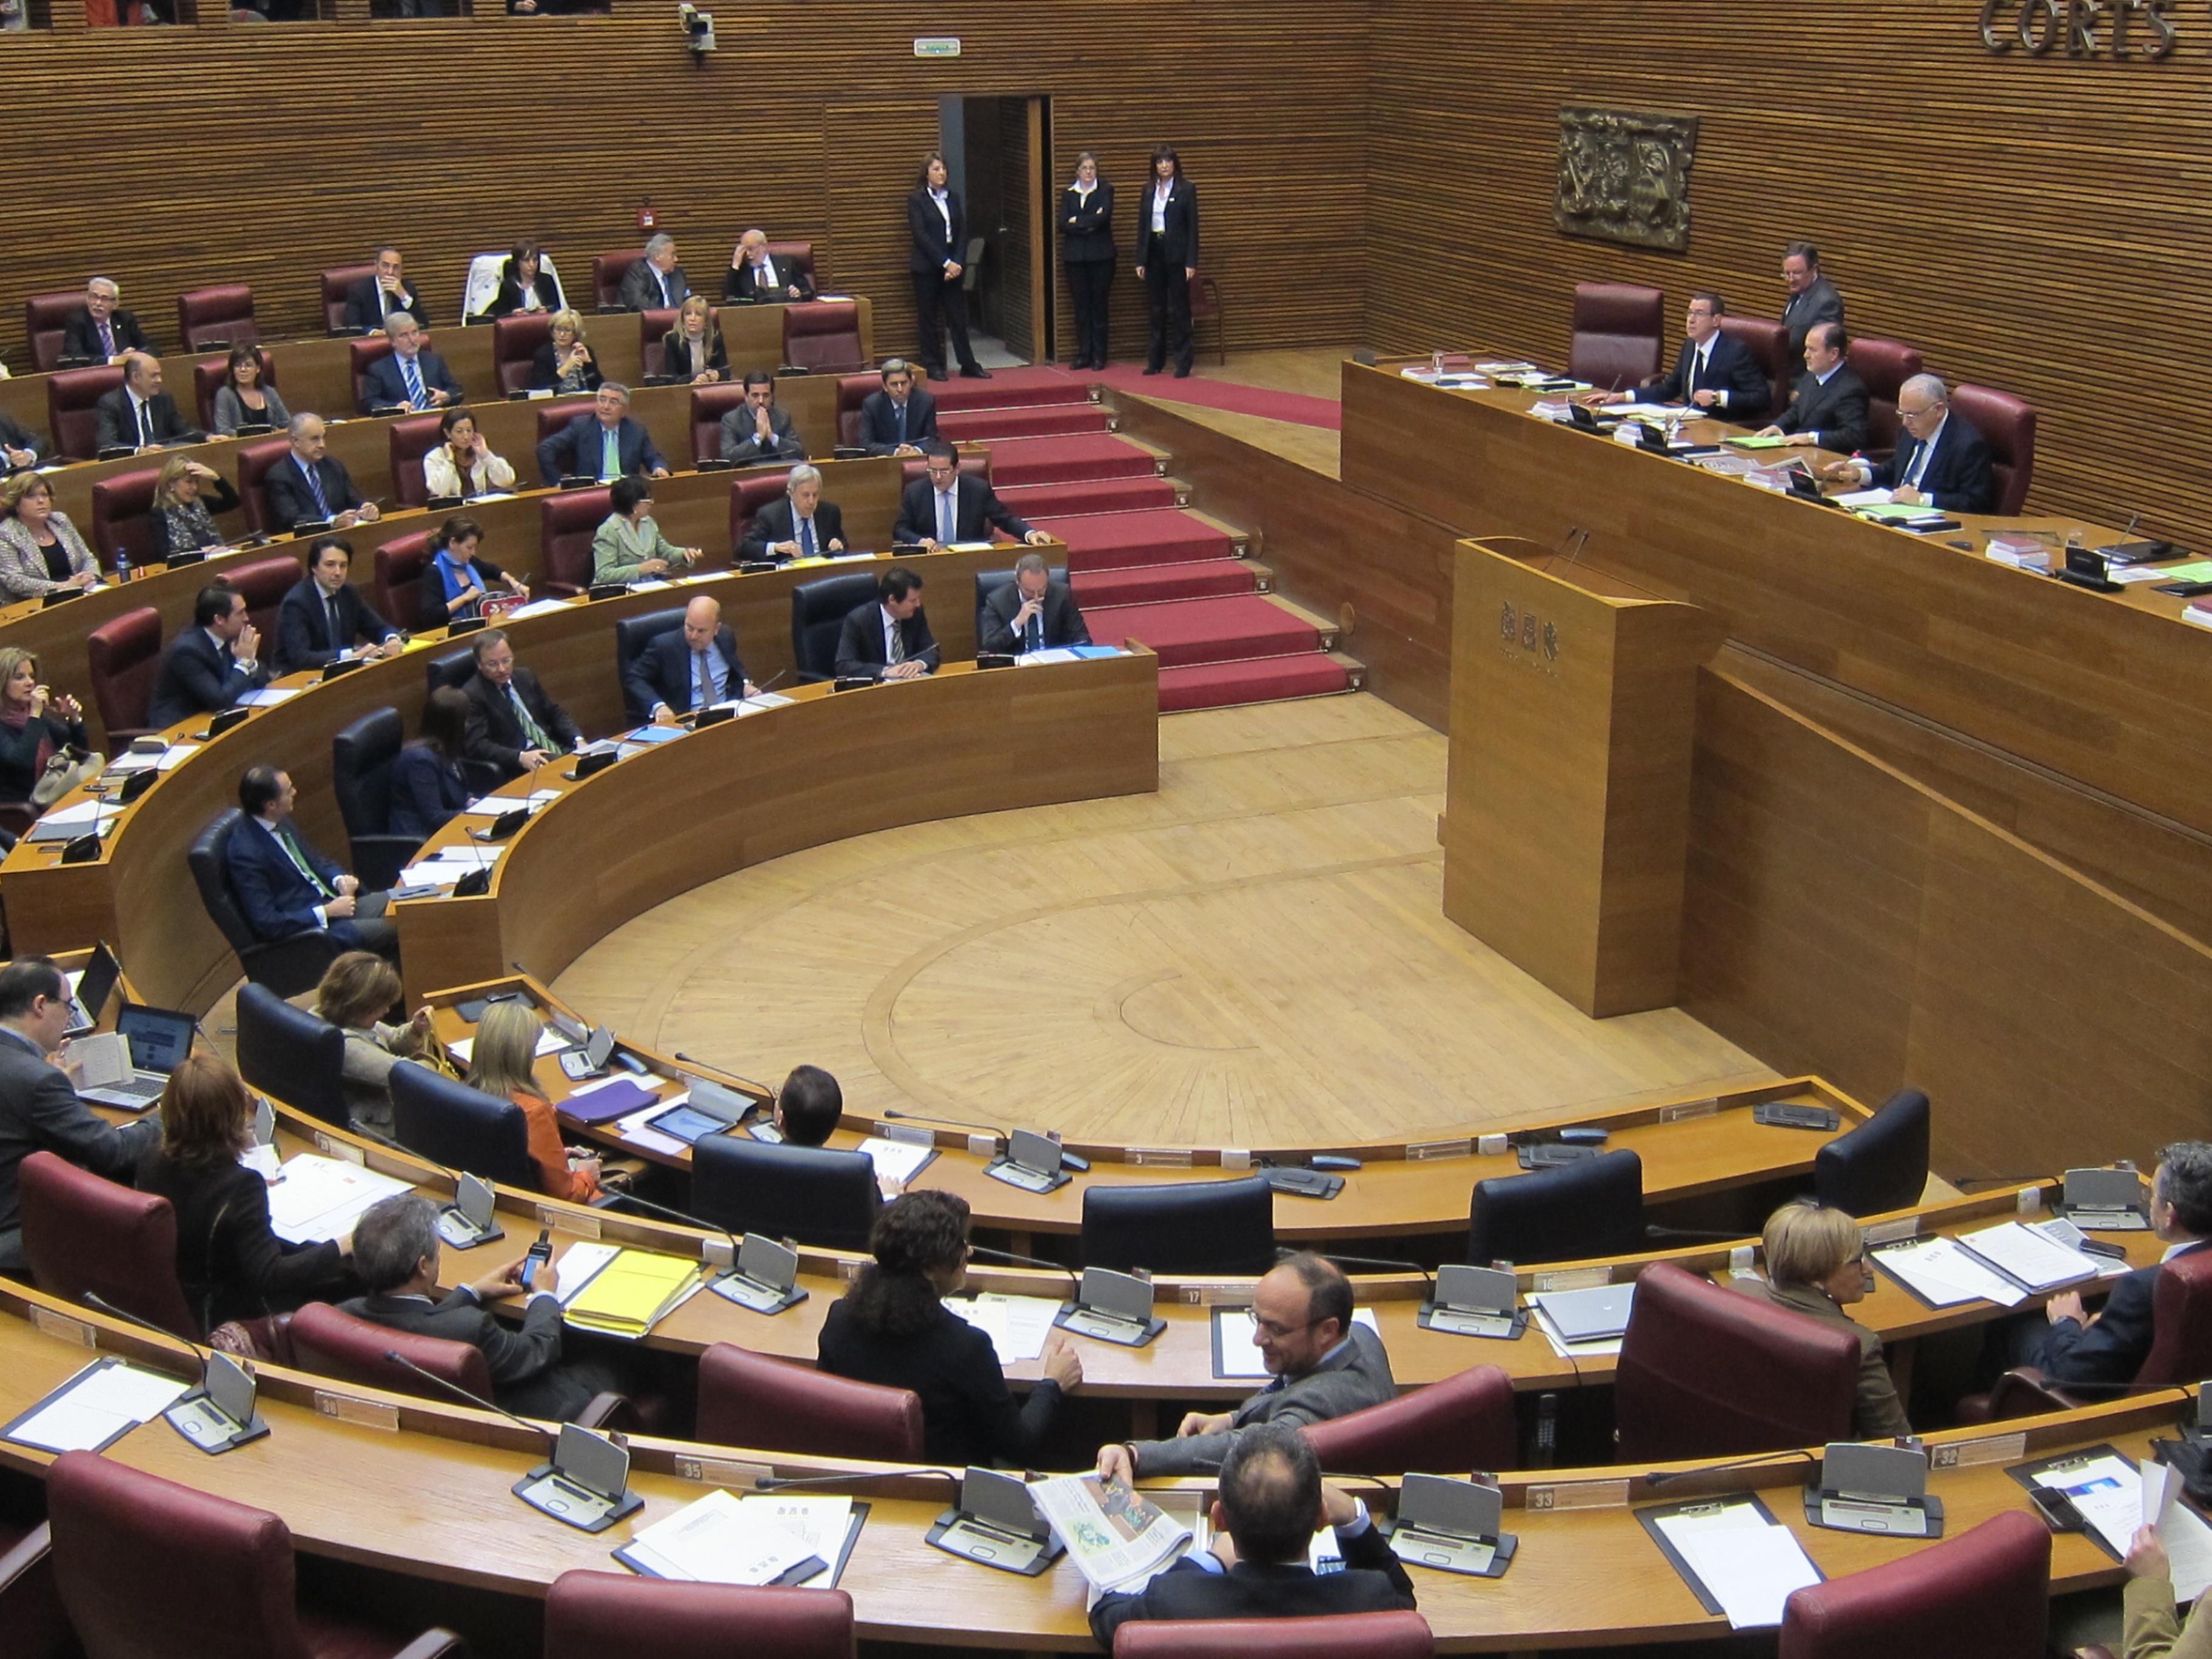 La oposición valenciana pide que se repitan las declaraciones de rentas y que se especifiquen los «sobresueldos»